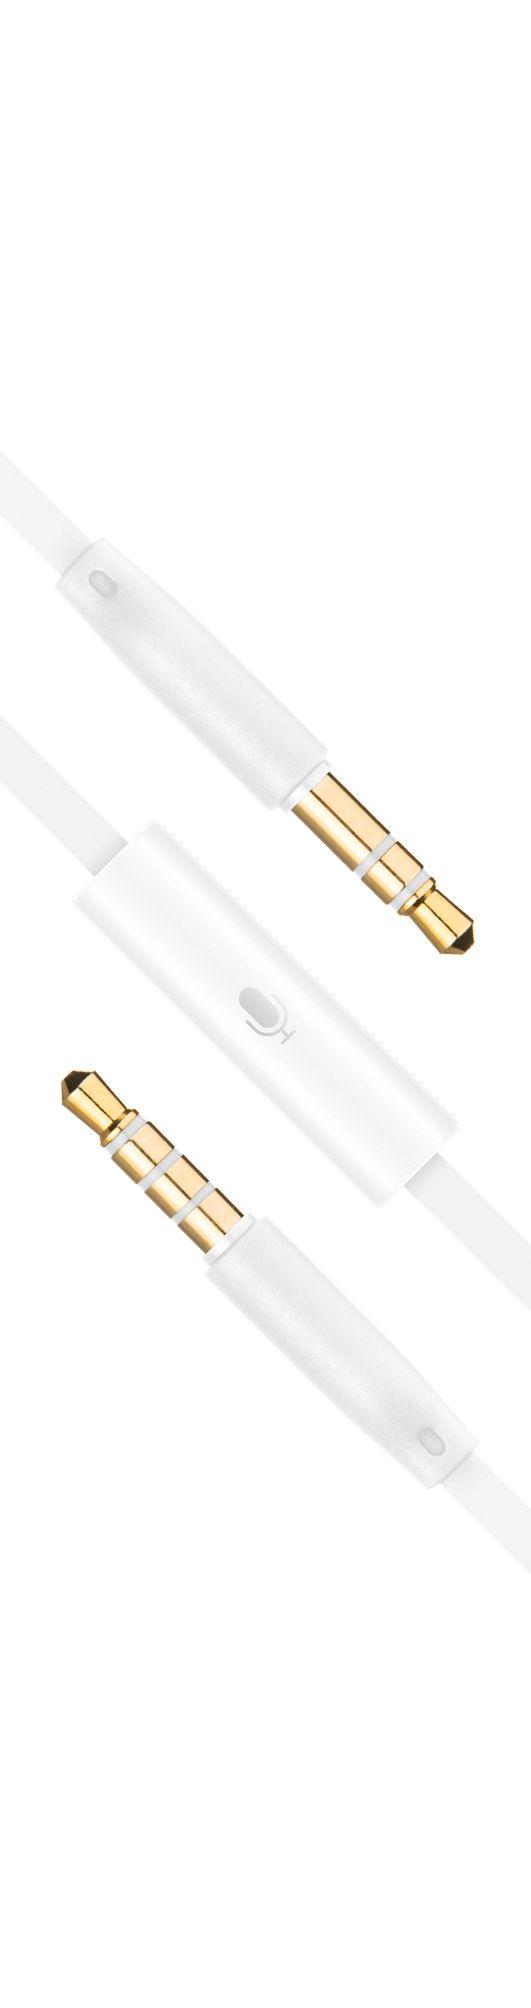 Plochý audio AUX kabel FIXED s konektory 2 x 3,5 mm jack s mikrofonem, bílý